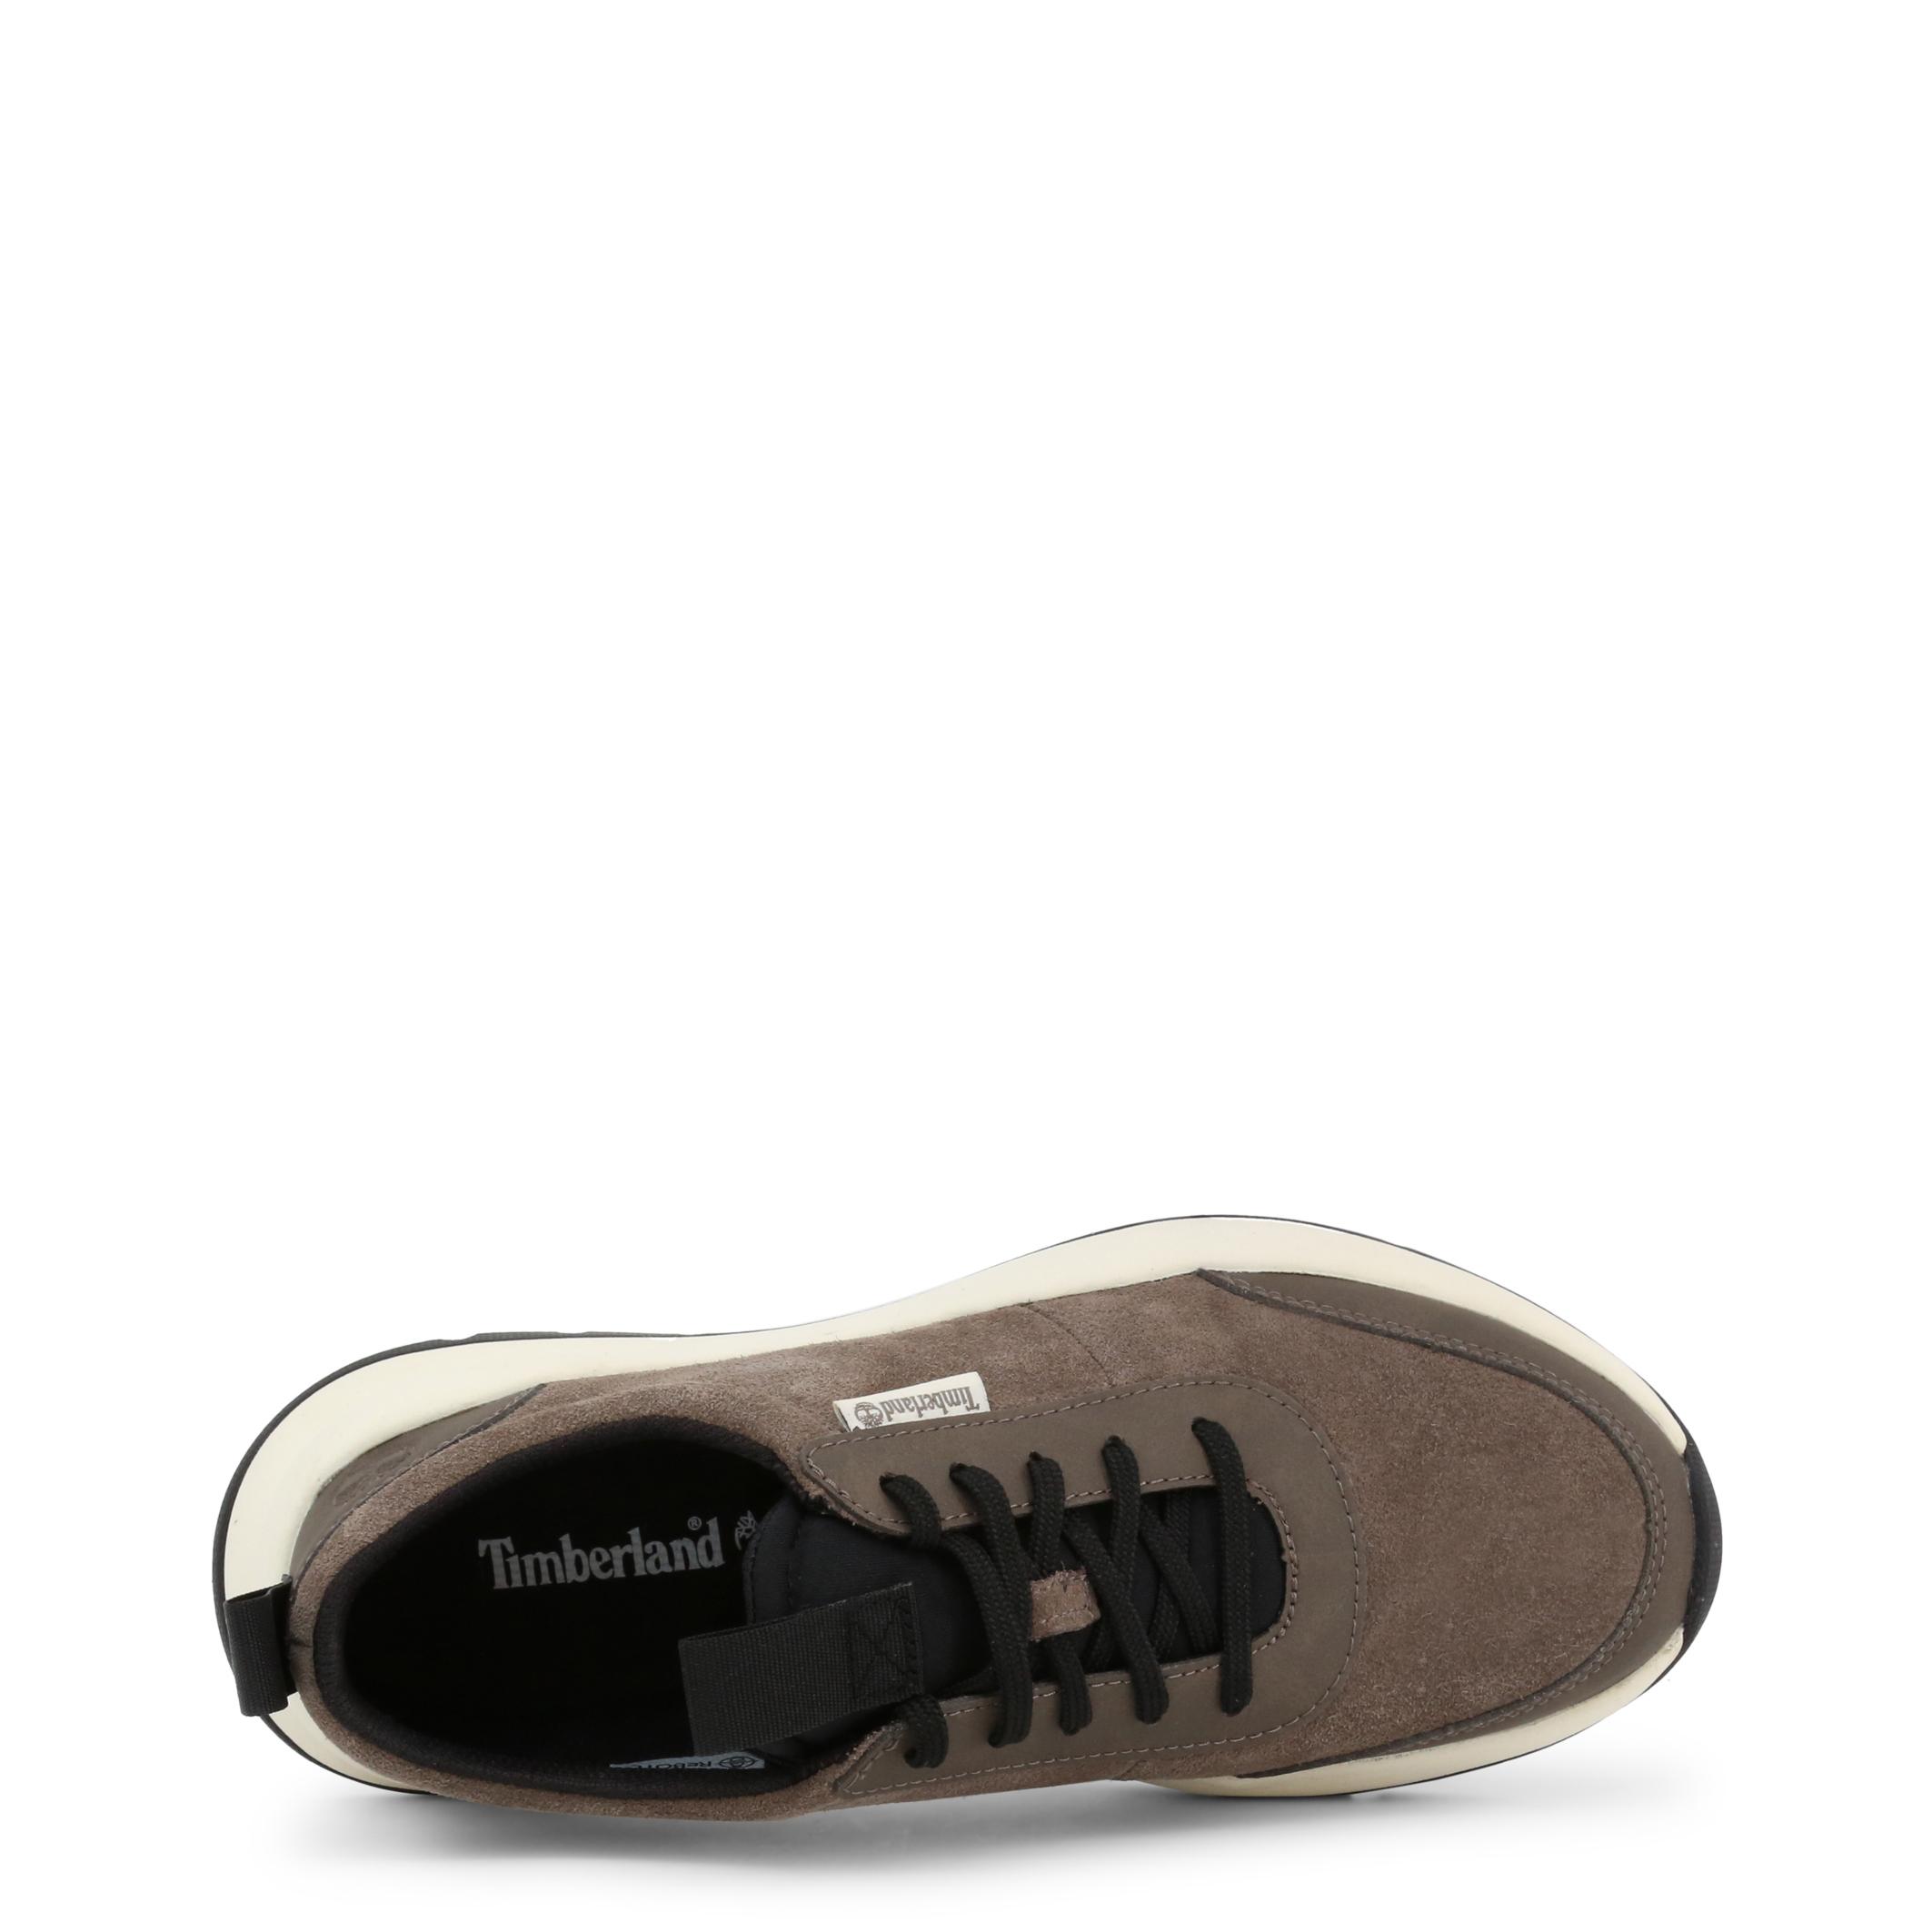 Dettagli su Sneakers Uomo Timberland BoroughsProject Uomo Verde 106333 Nuovo Originale